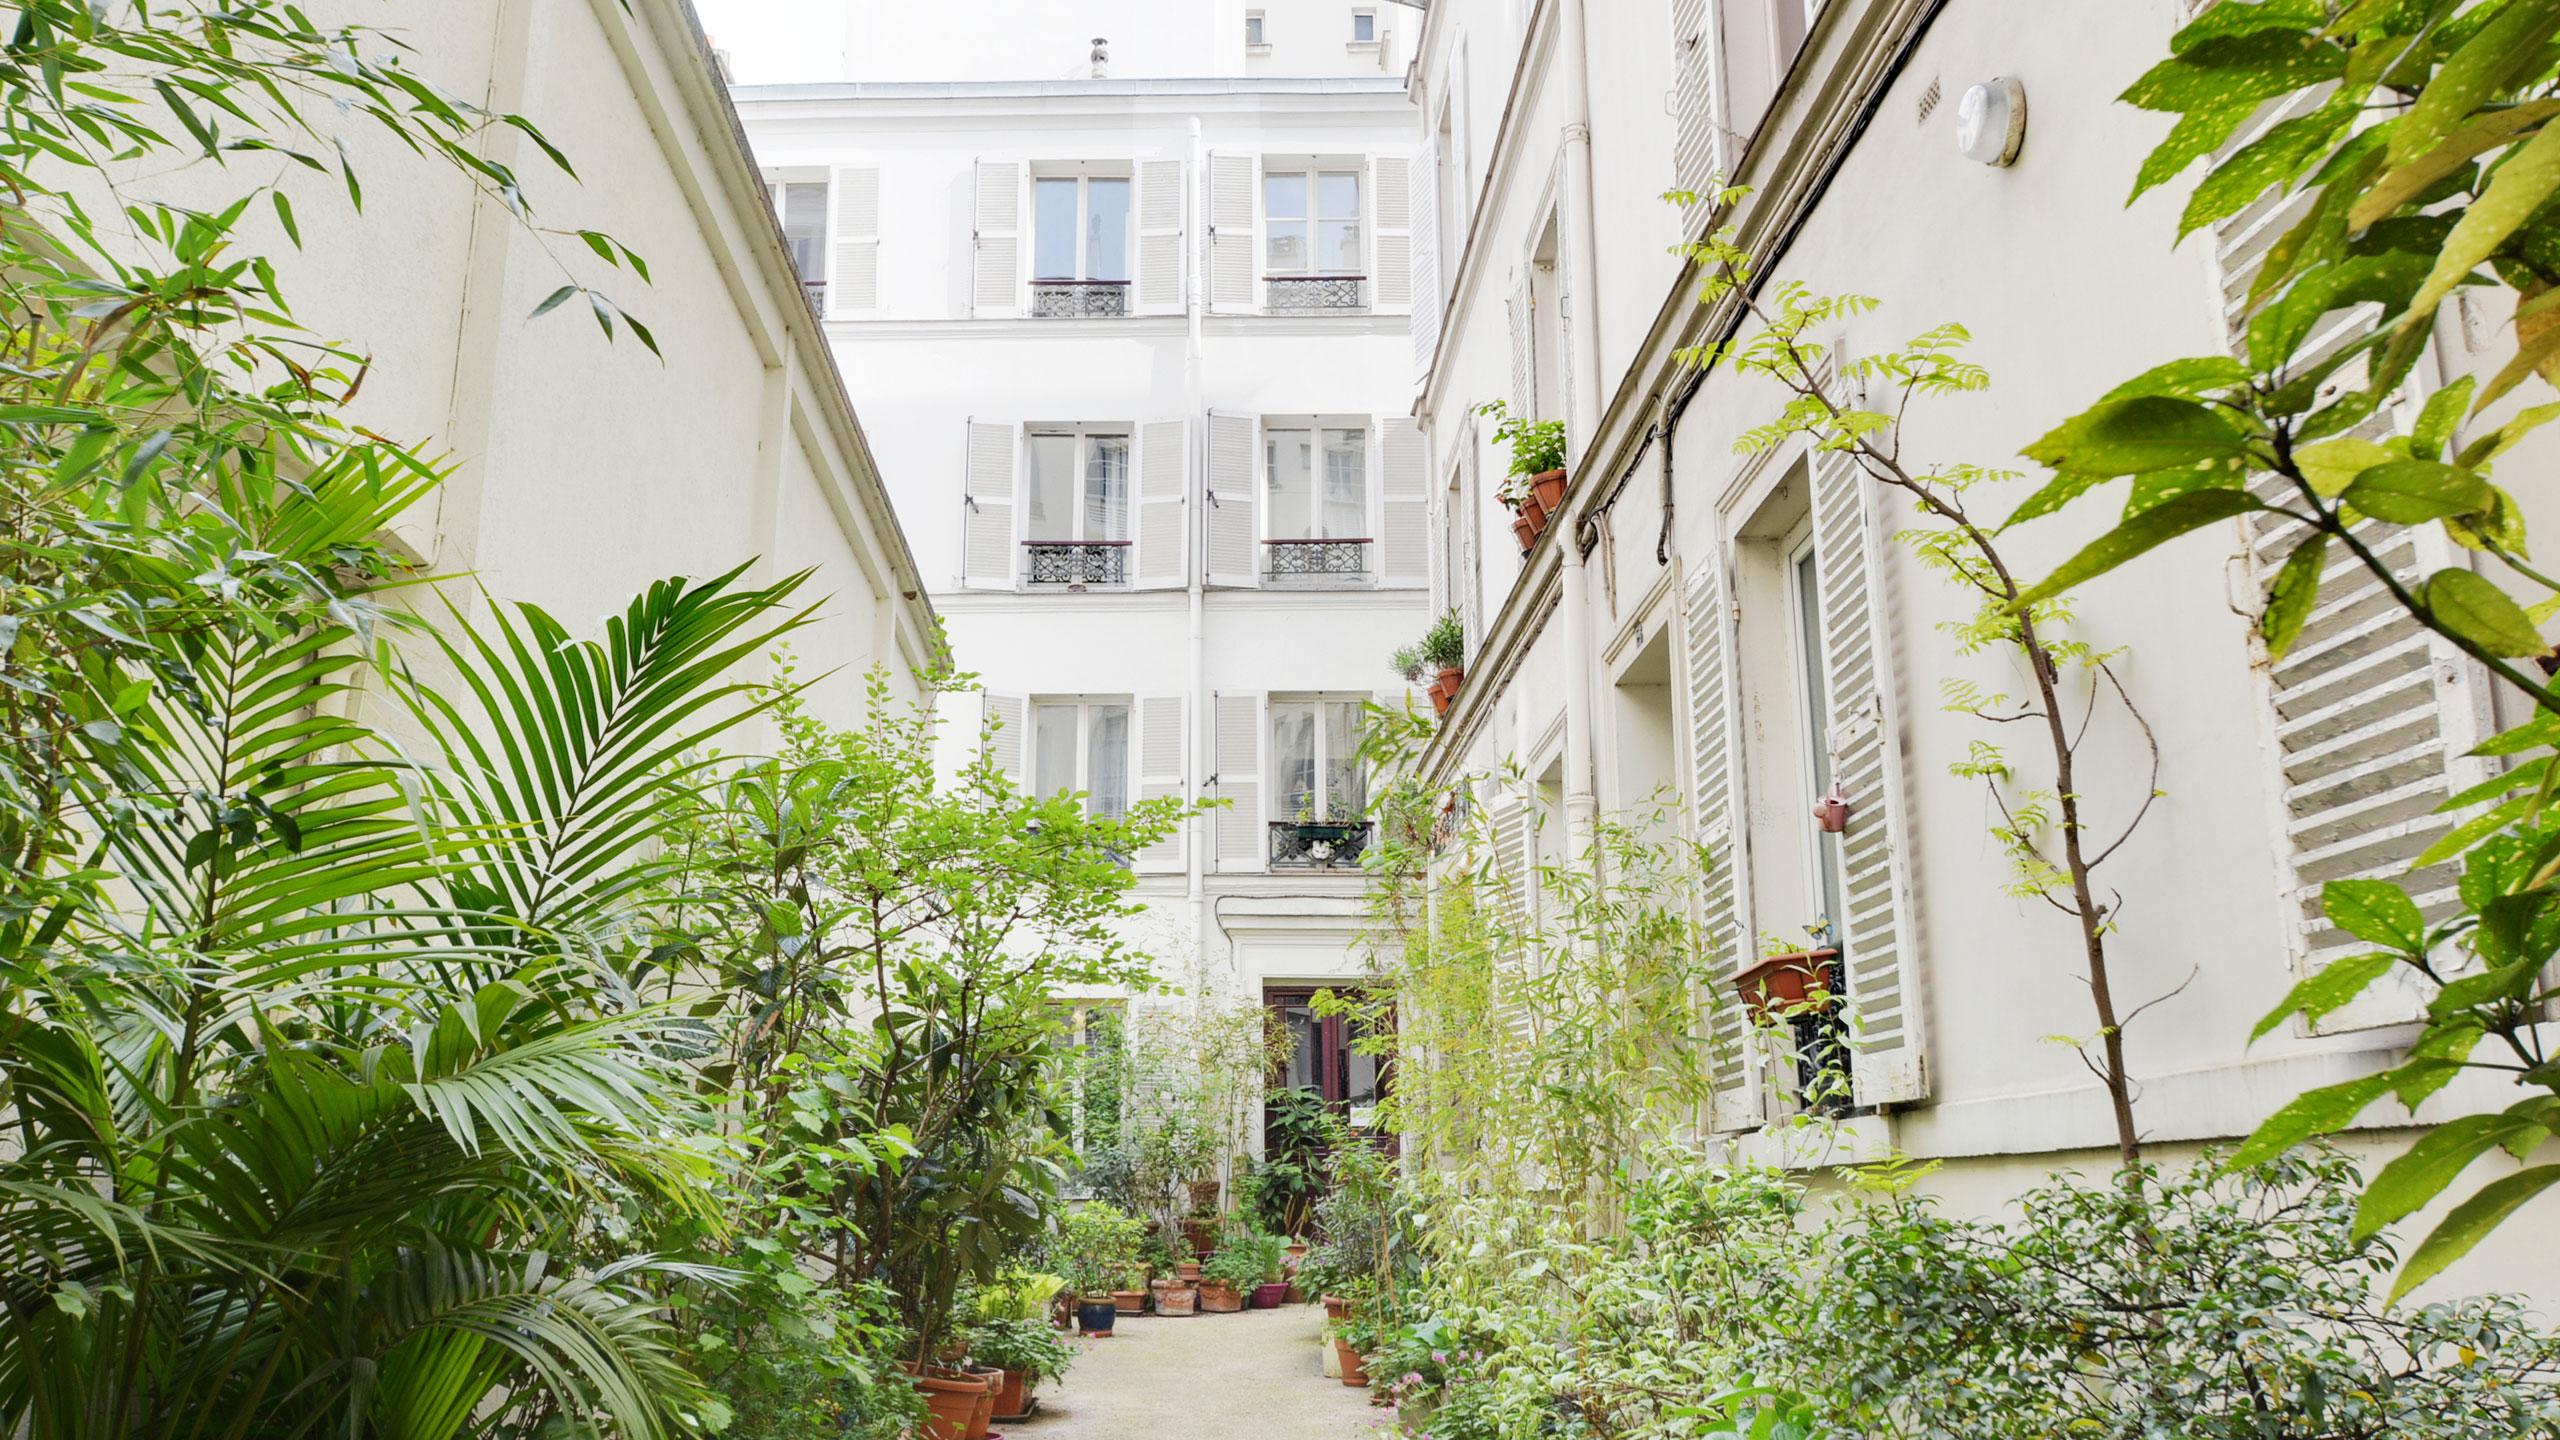 Charmant deux-pièces de 35 m<sup>2</sup> au dernier étage d&rsquo;une cour arborée, Paris 18ème